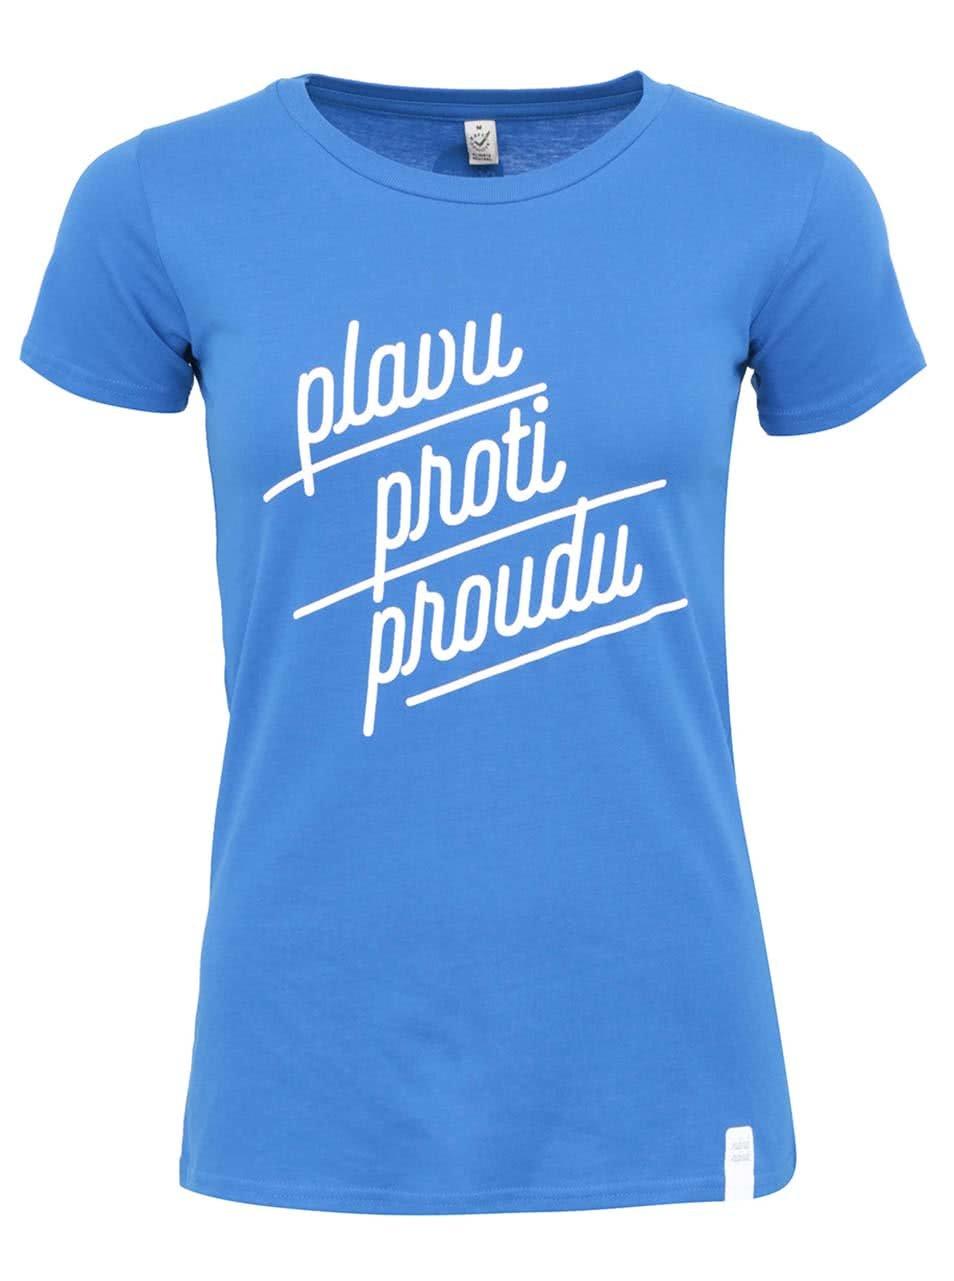 """""""Dobré"""" modré dámské triko s potiskem pro Náplavka k světu"""